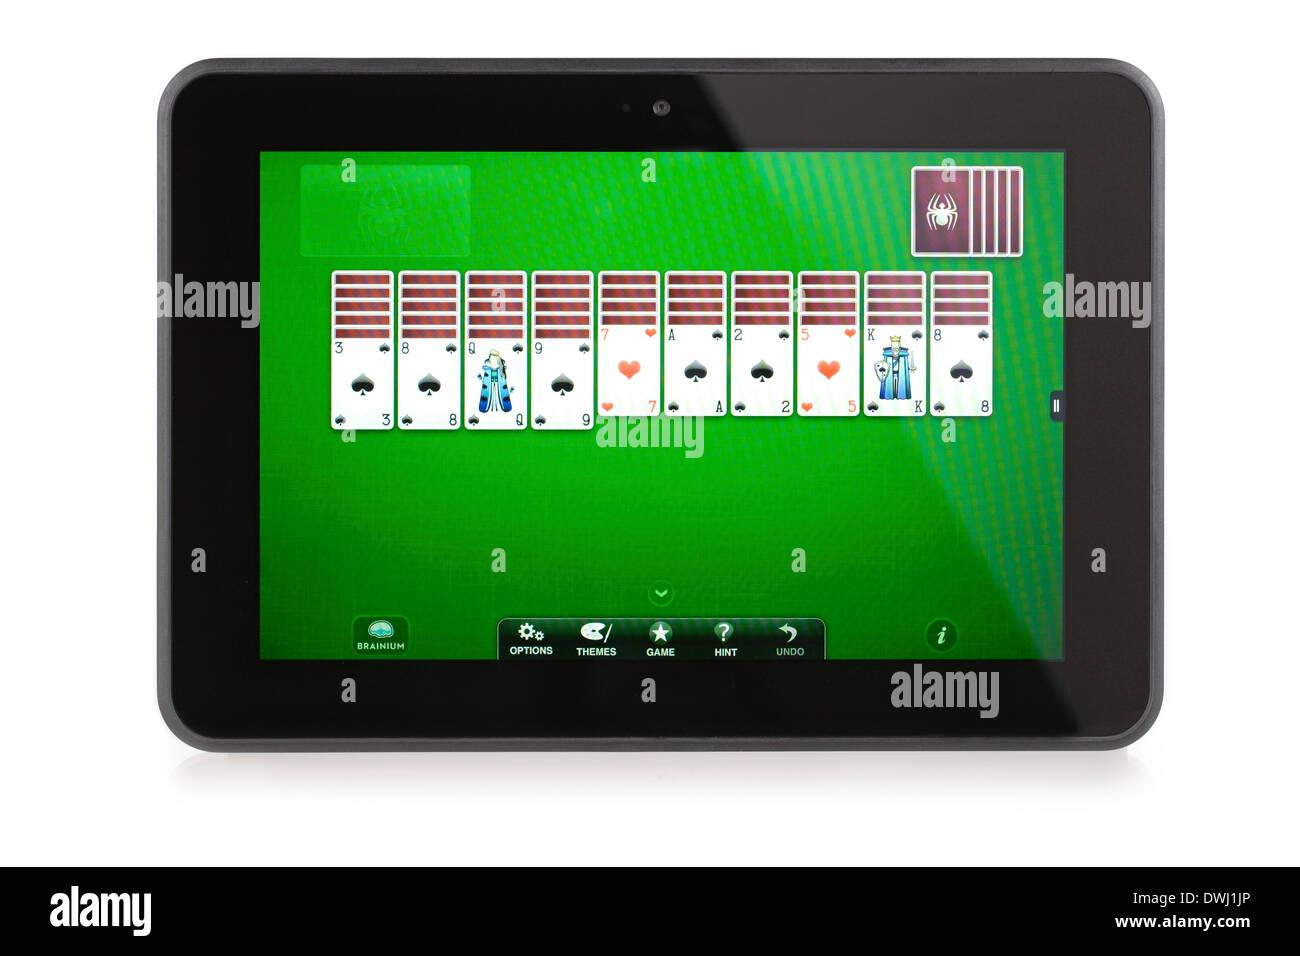 Kindle fuoco HD 8.9 con gioco Spider App installata e in esecuzione Immagini Stock